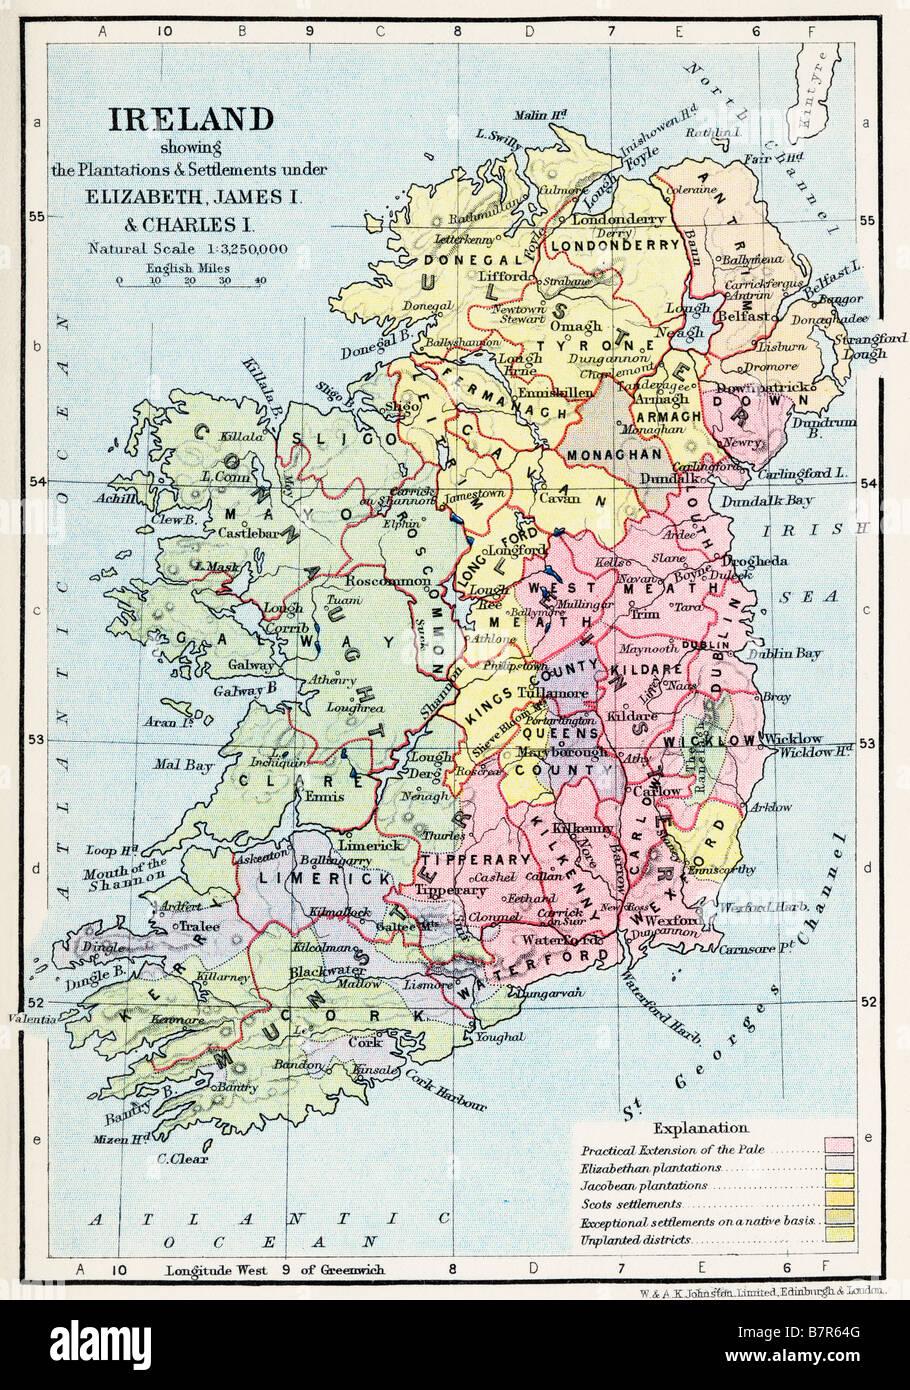 Carte de Irlande montrant les plantations et les colonies sous Elizabeth James I et Charles I Photo Stock